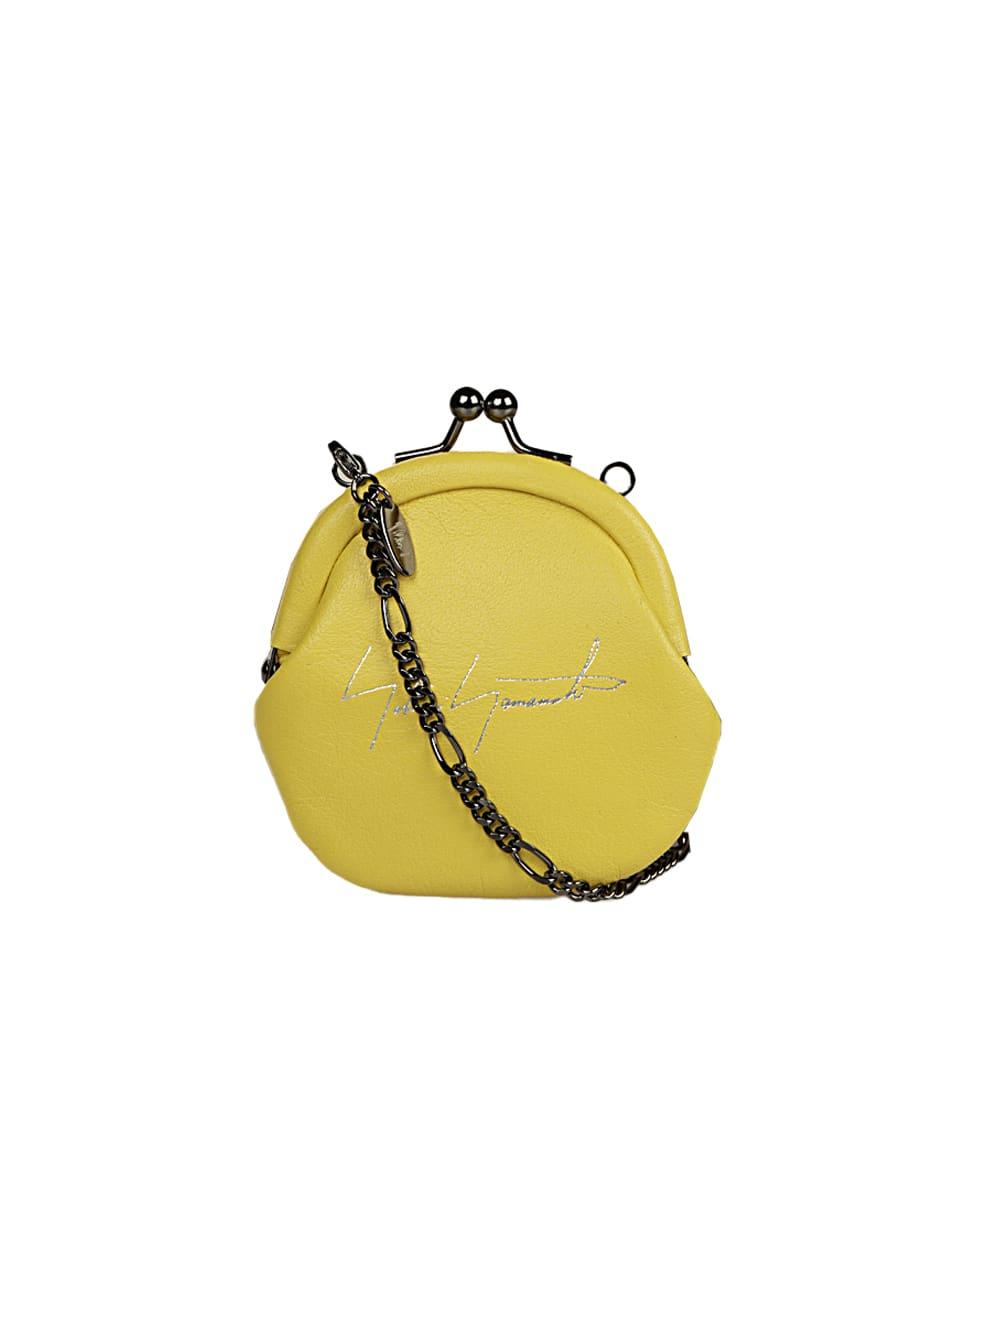 Discord Yohji Yamamoto Coin Necklace